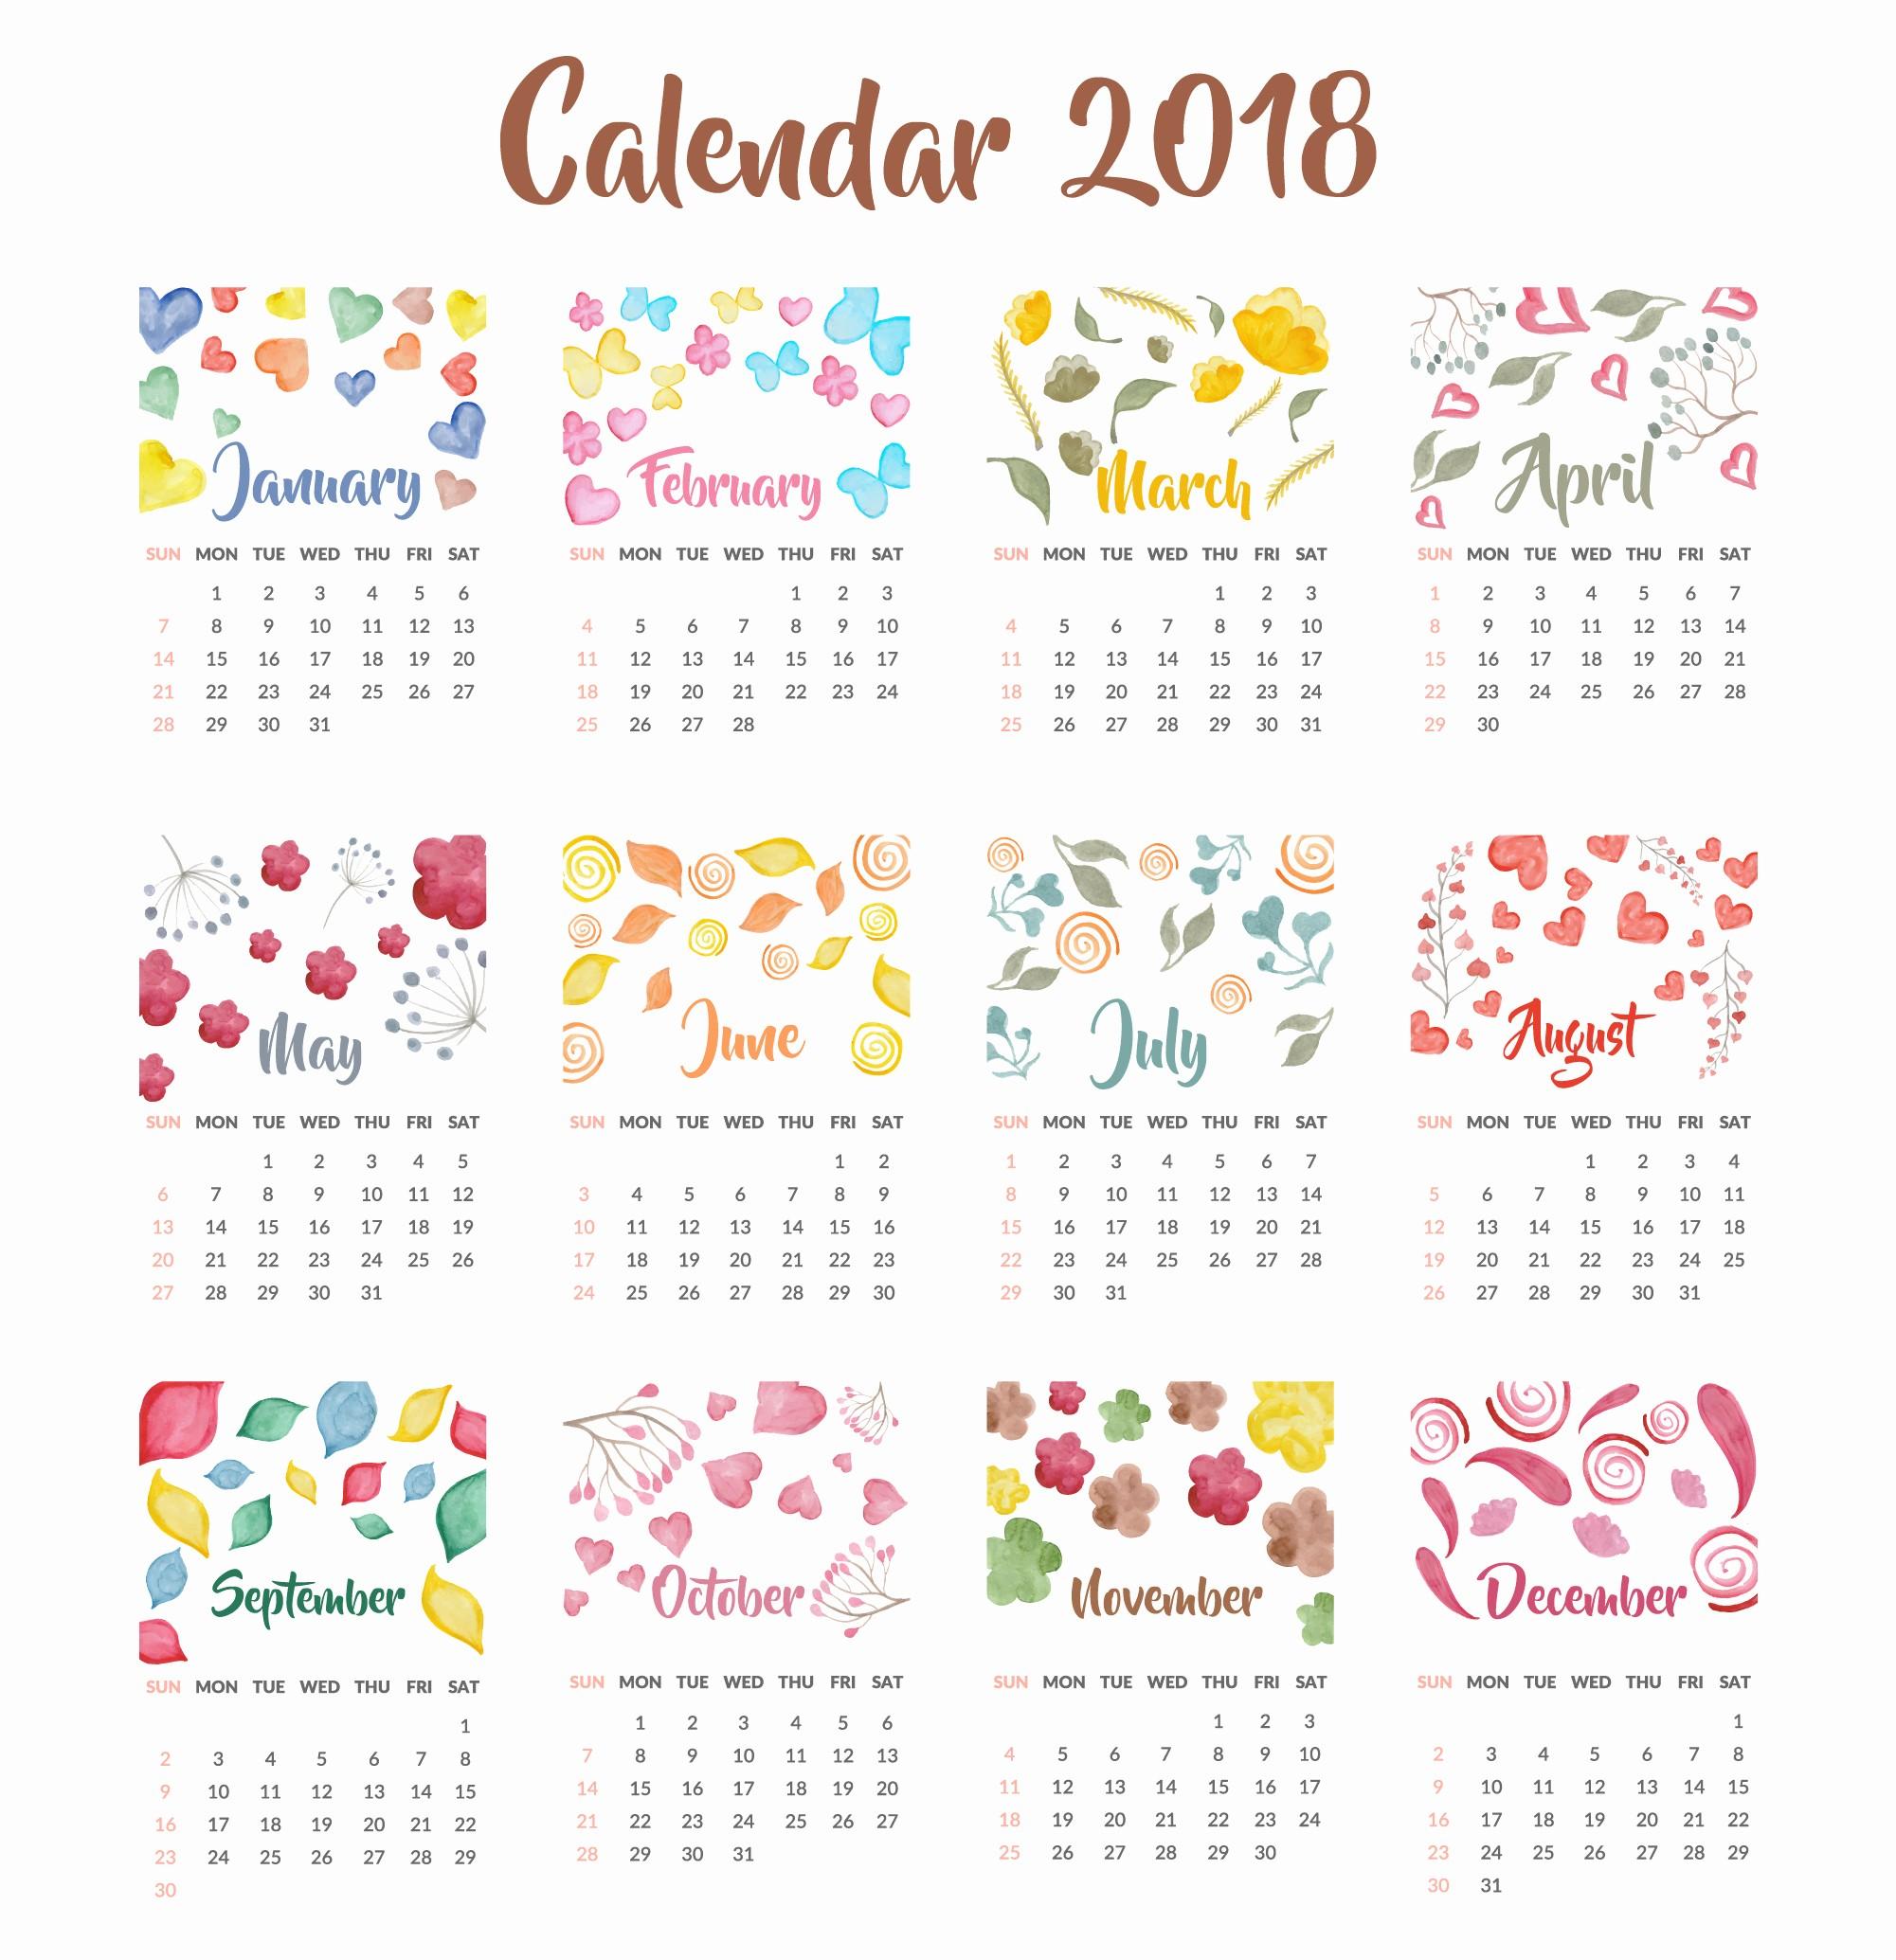 2018 year calendar wallpaper free 2018 calendar by month